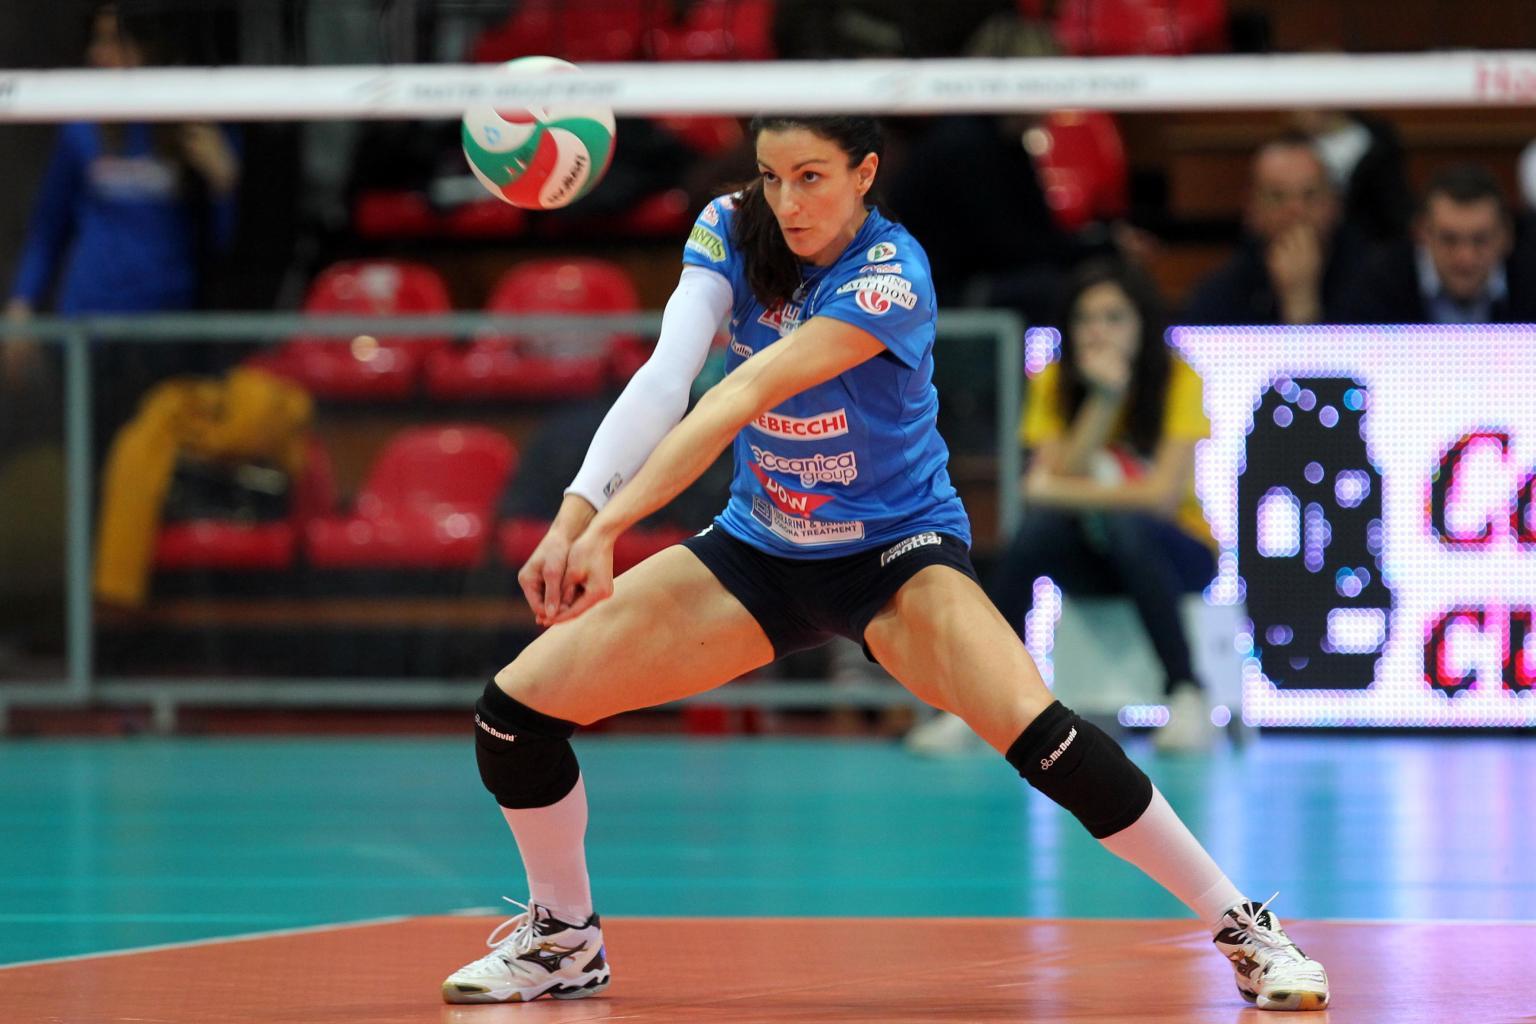 Giocatrice     Lega Pallavolo Serie A Femminile